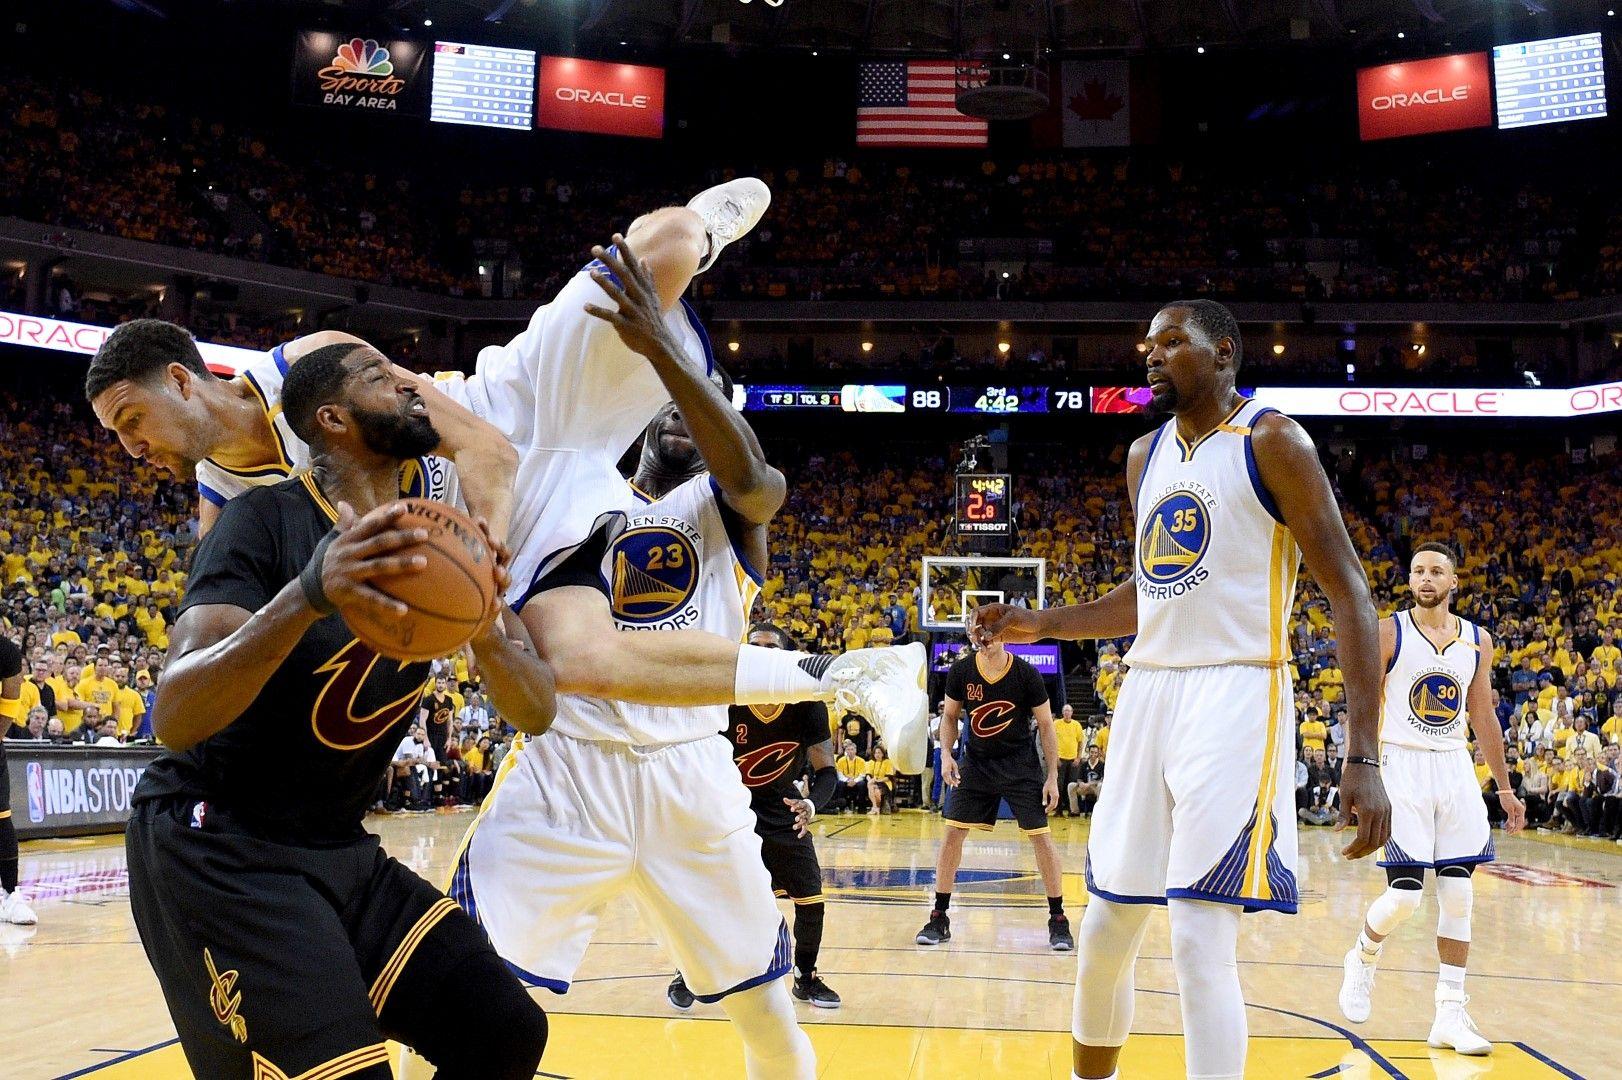 Това е ерата на едно ново съперничество, непознато като постоянство досега в НБА - четири поредни финални серии!